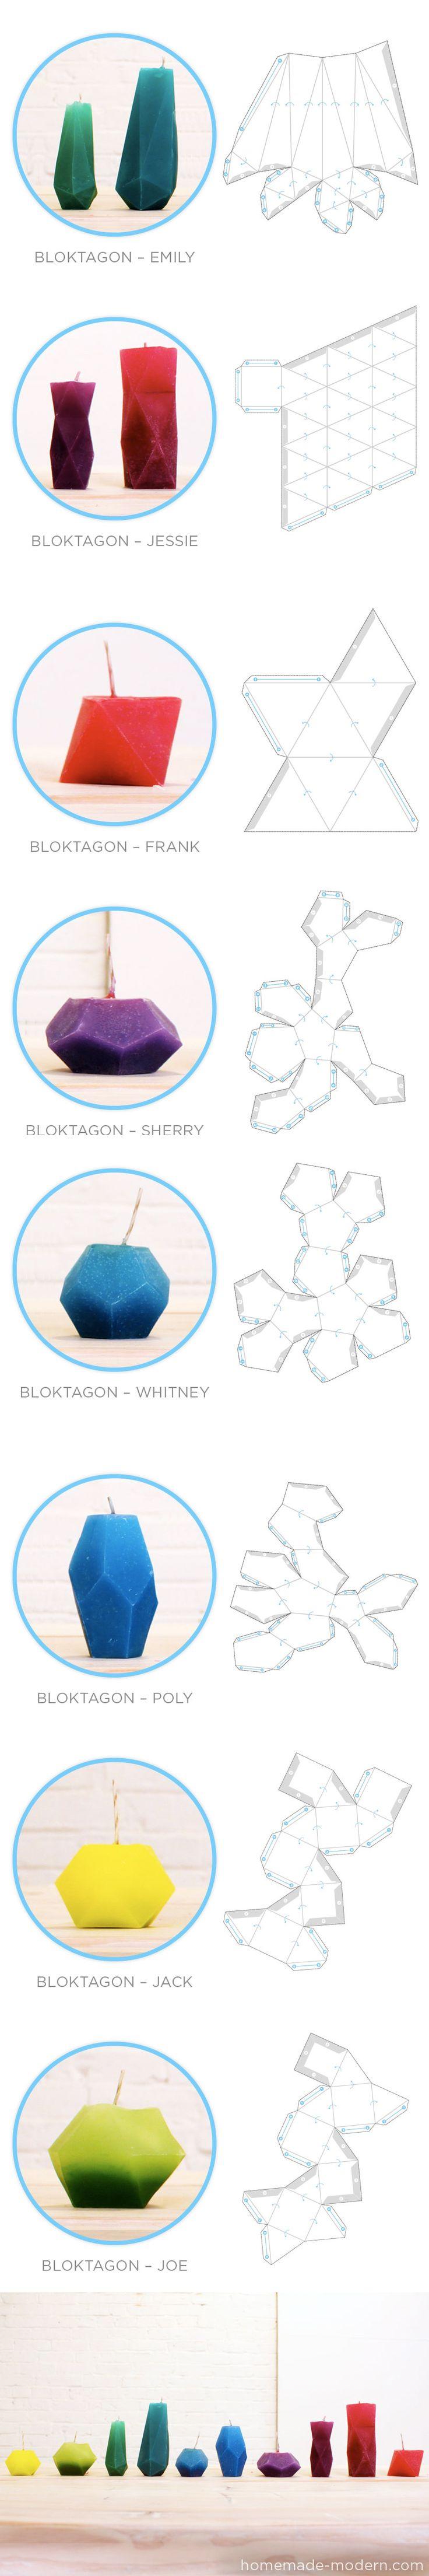 candles~ Bloktagons, unos originales moldes para crear velas y floreros / via homemade-modern